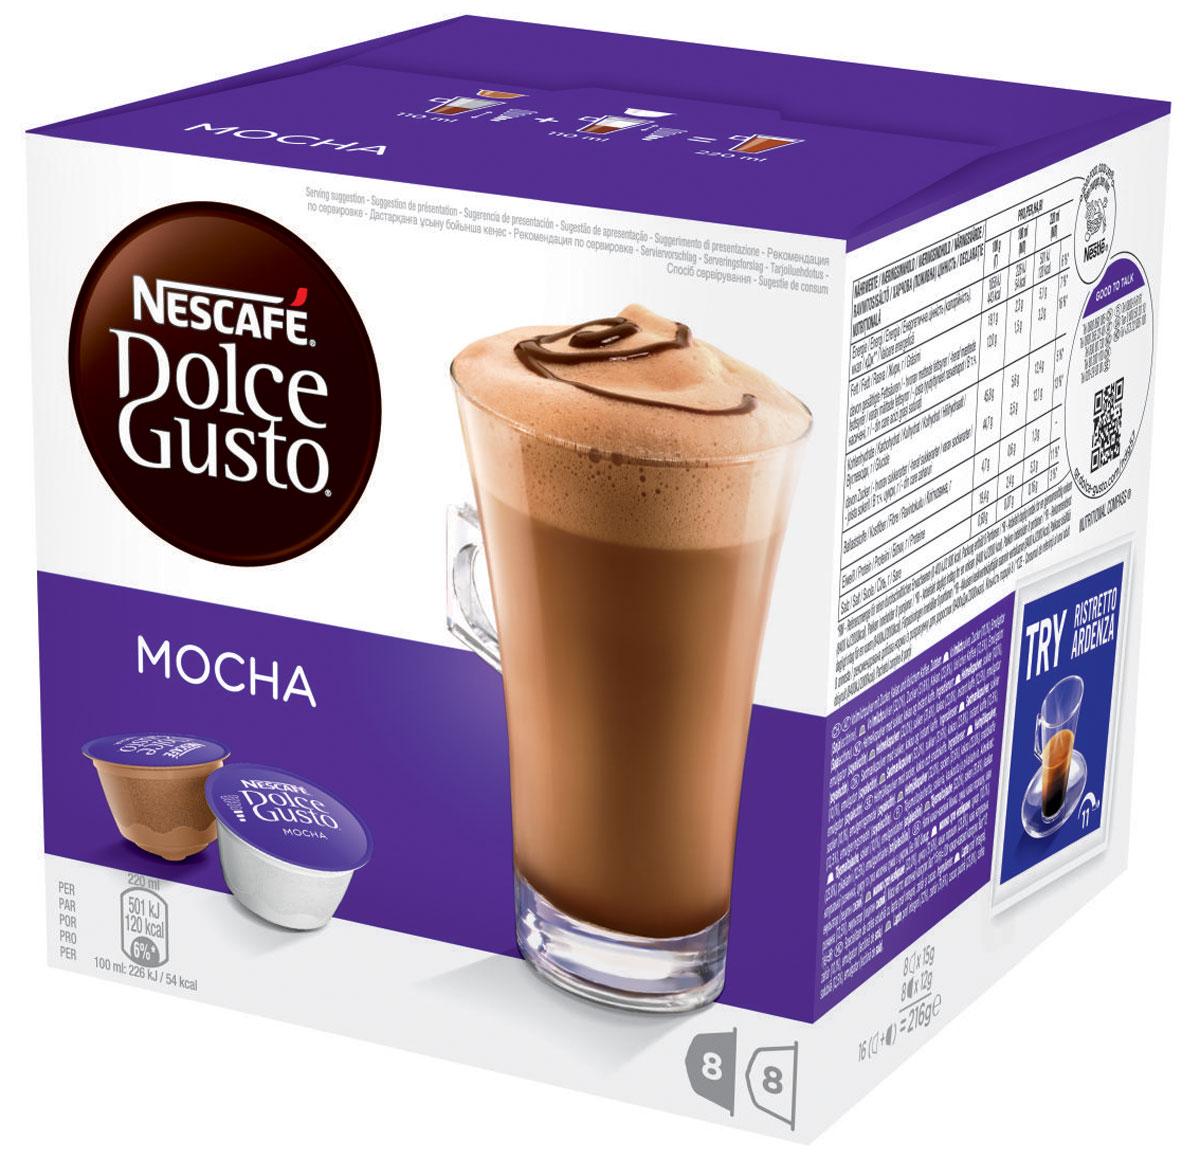 Nescafe Dolce Gusto мокка кофе в капсулах, 16 шт12120147Nescafe Dolce Gusto мокка - это сочетание насыщенного кофе, ароматного шоколада и воздушной молочной пенки. Баланс между восхитительным шоколадом и кофе делает этот напиток подходящим как для ценителей кофе, так и для любителей горячего шоколада. В состав входят: 8 молочных капсул с сухим цельным молоком, сахаром, эмульгатором (соевый лецитин) 8 кофейных капсул с сухим цельным молоком, сахаром, какао порошком, растворимым кофе, эмульгатором (соевый лецитин)